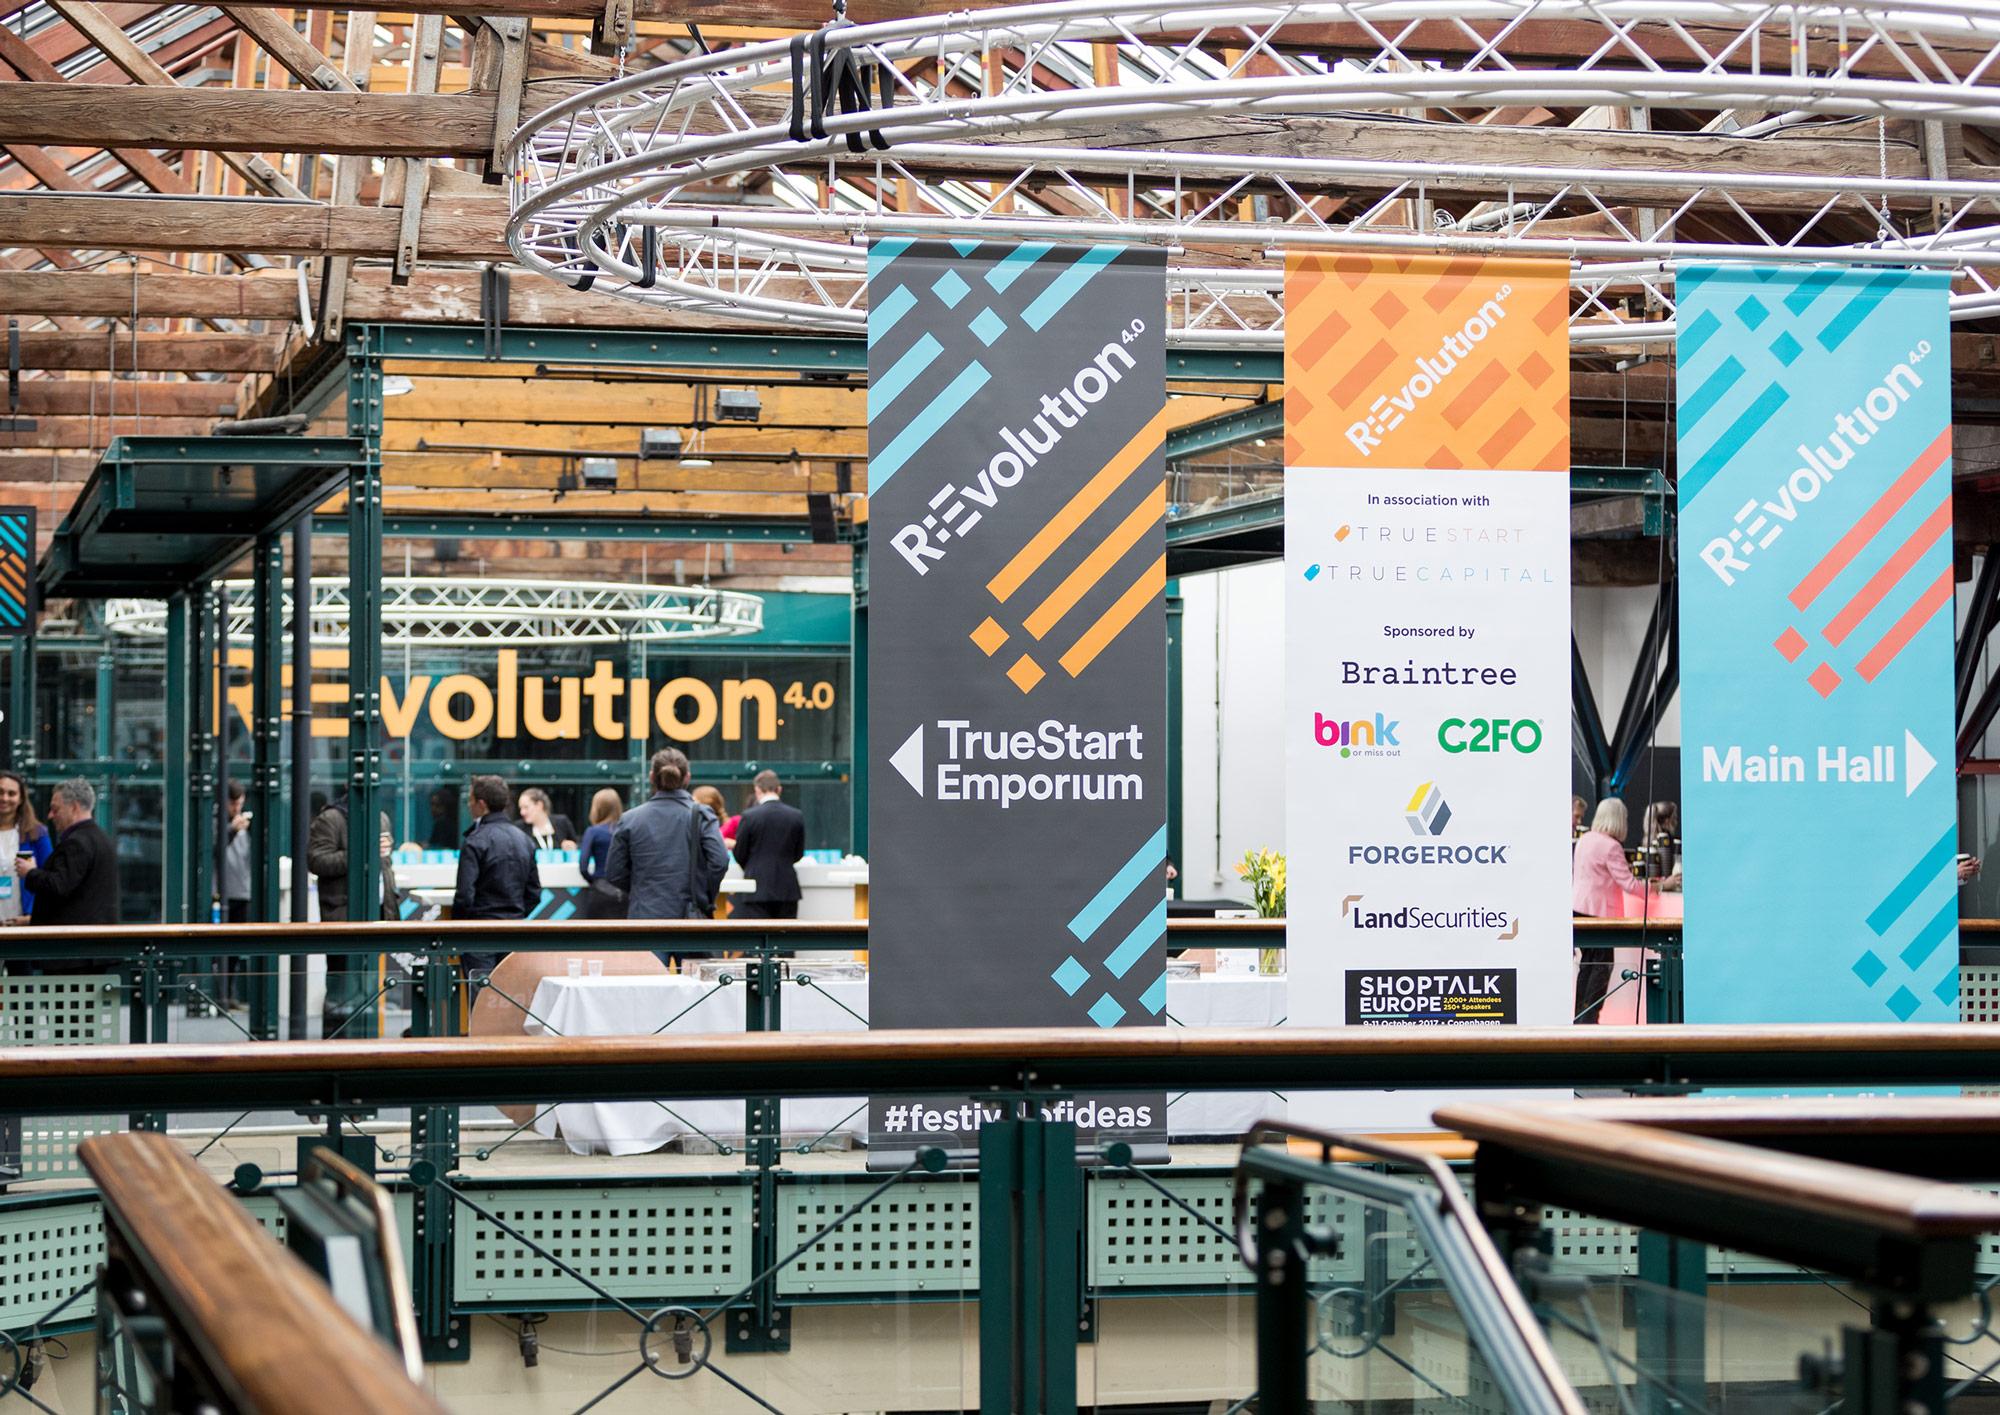 Revolution 4.0 - Festival of Ideas